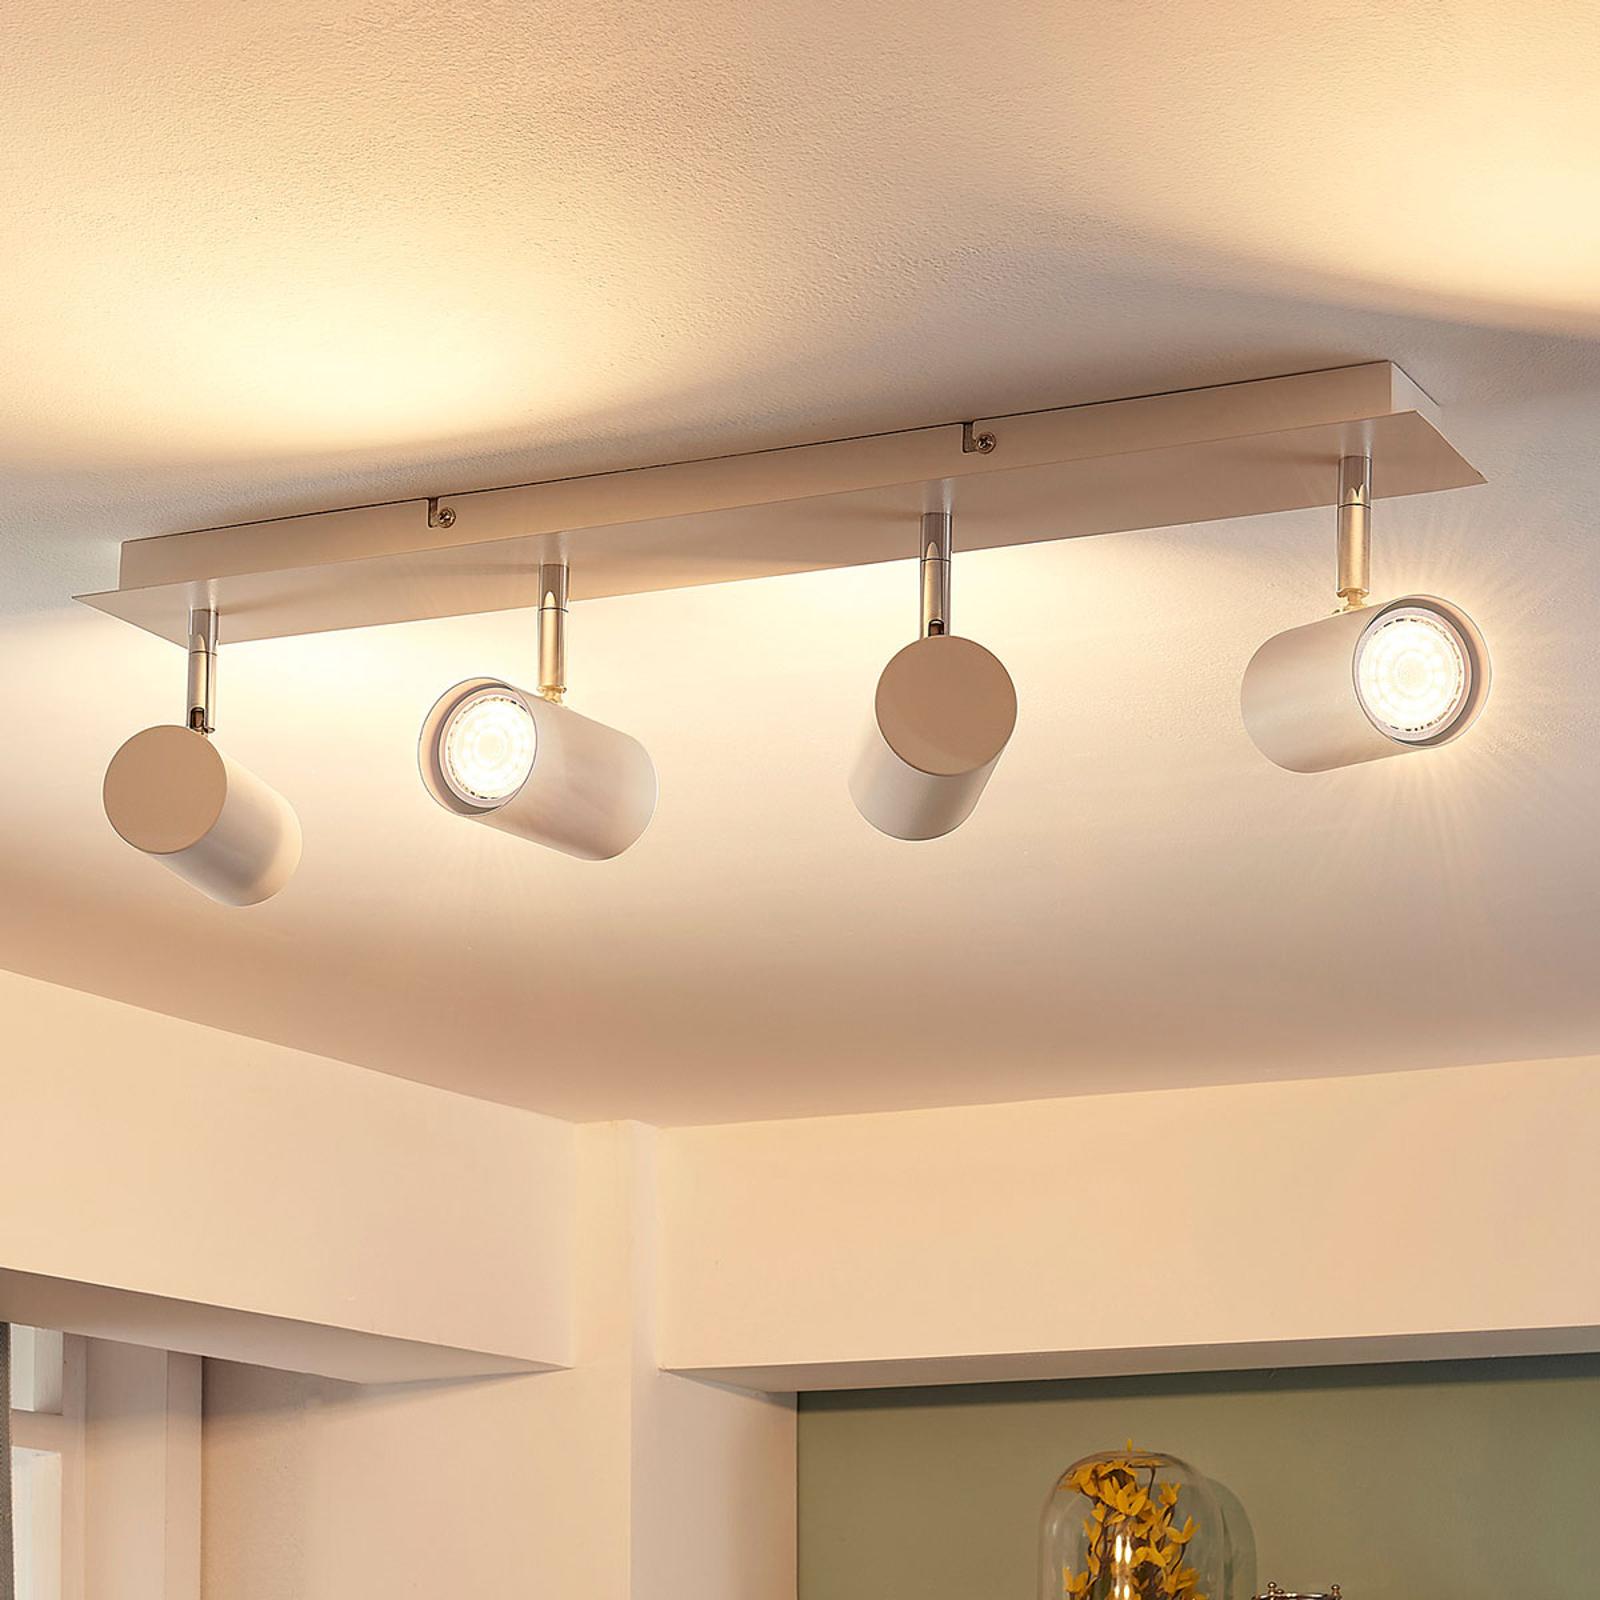 Kattokohdevalo Iluk valkoinen, LED, 4-lamppu